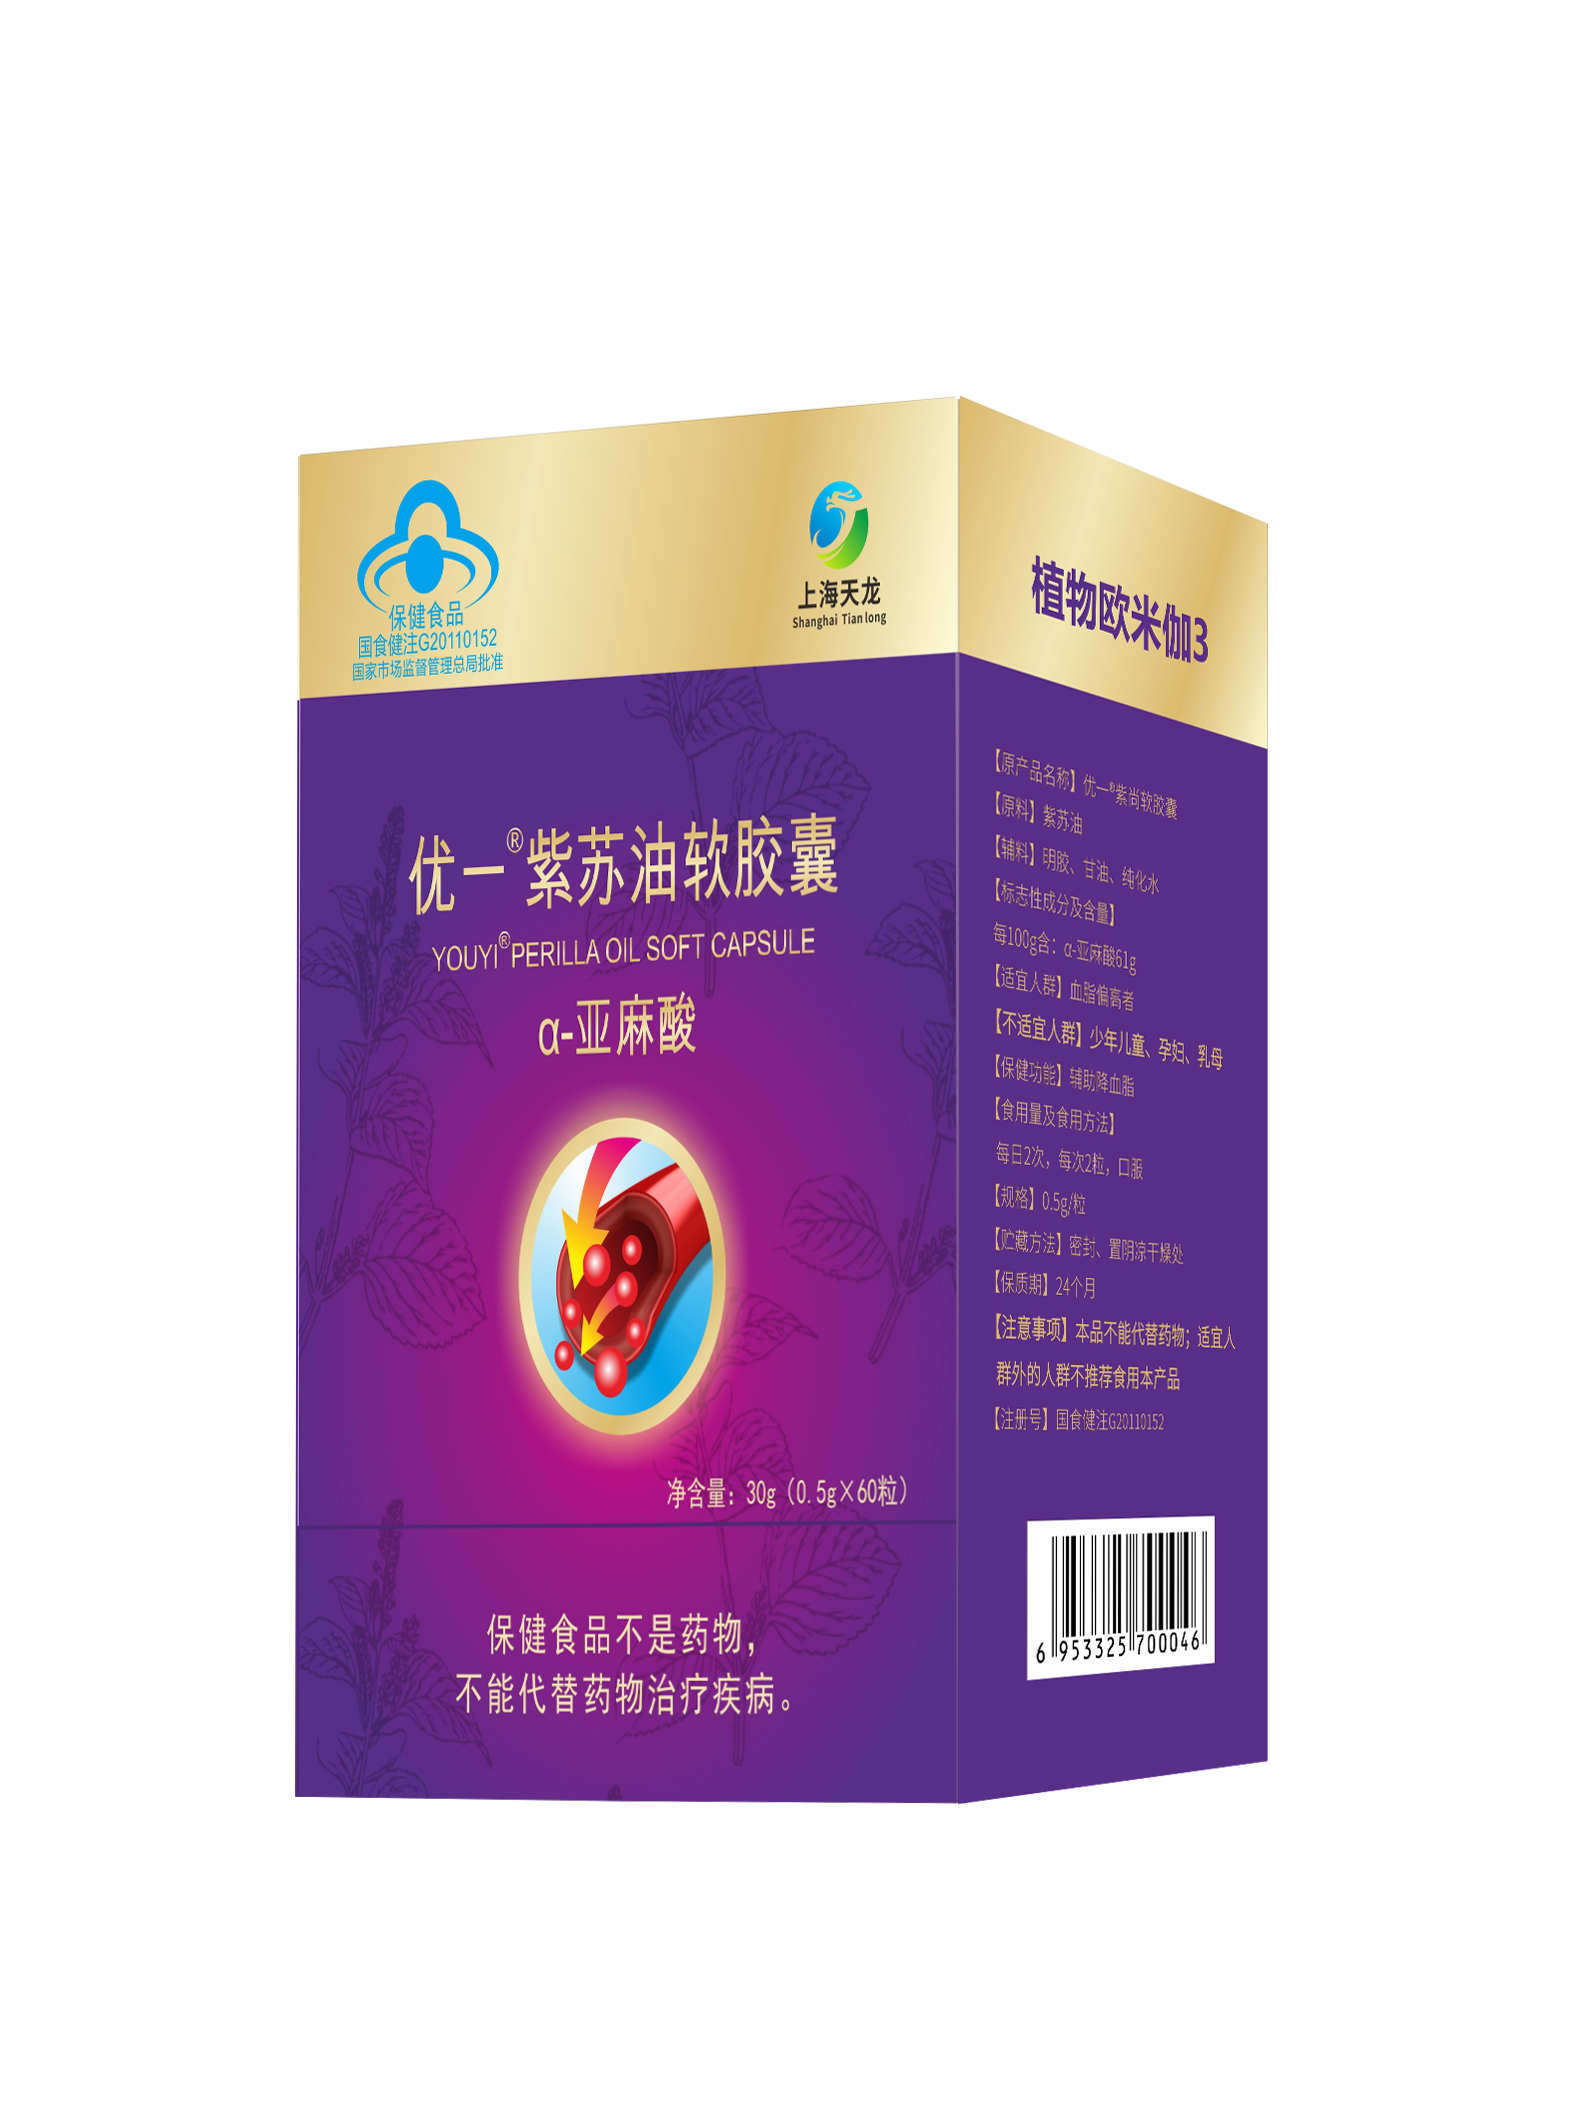 优一紫苏油(紫尚)软胶囊-辅助降血脂 单瓶装 招全国代理商